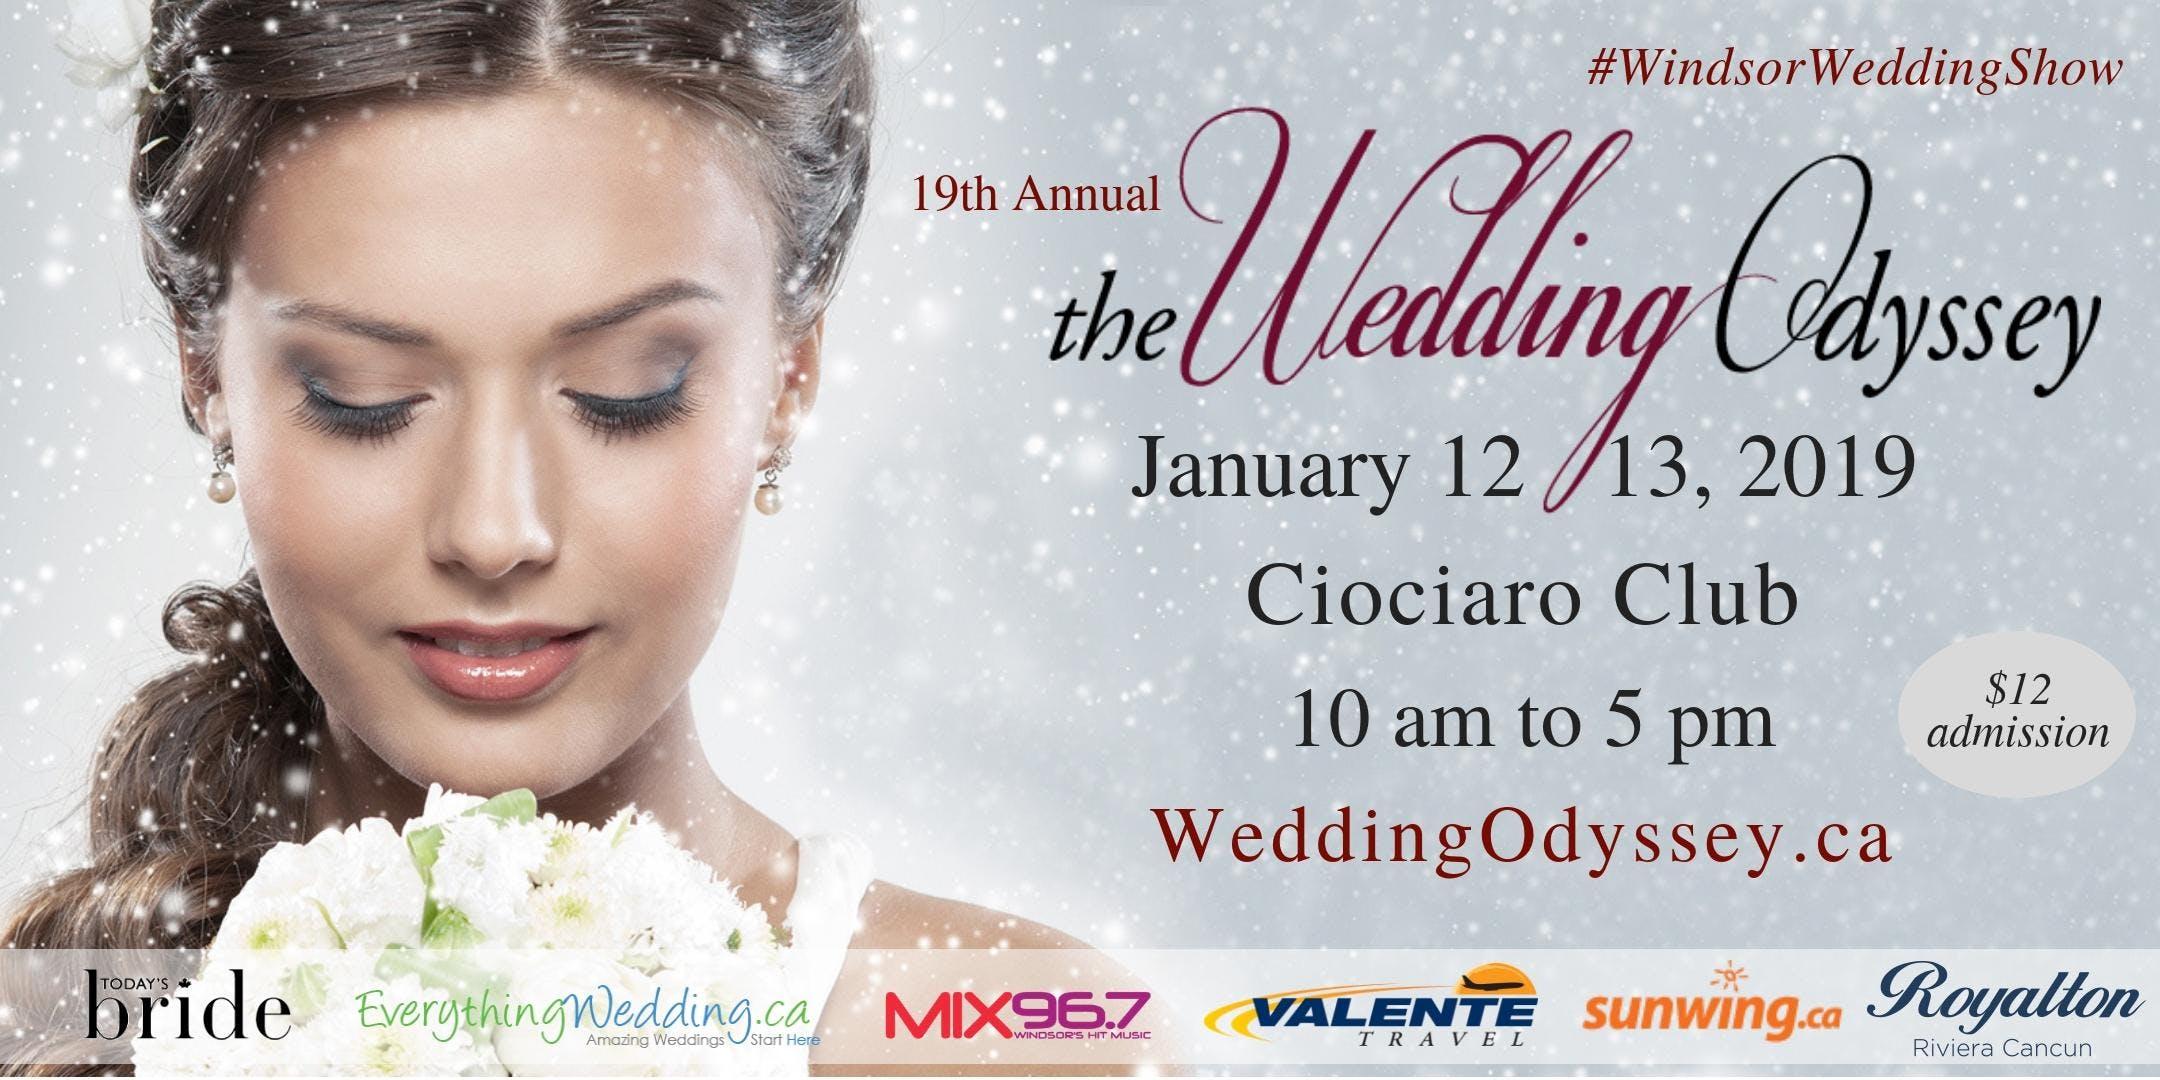 Wedding Odyssey